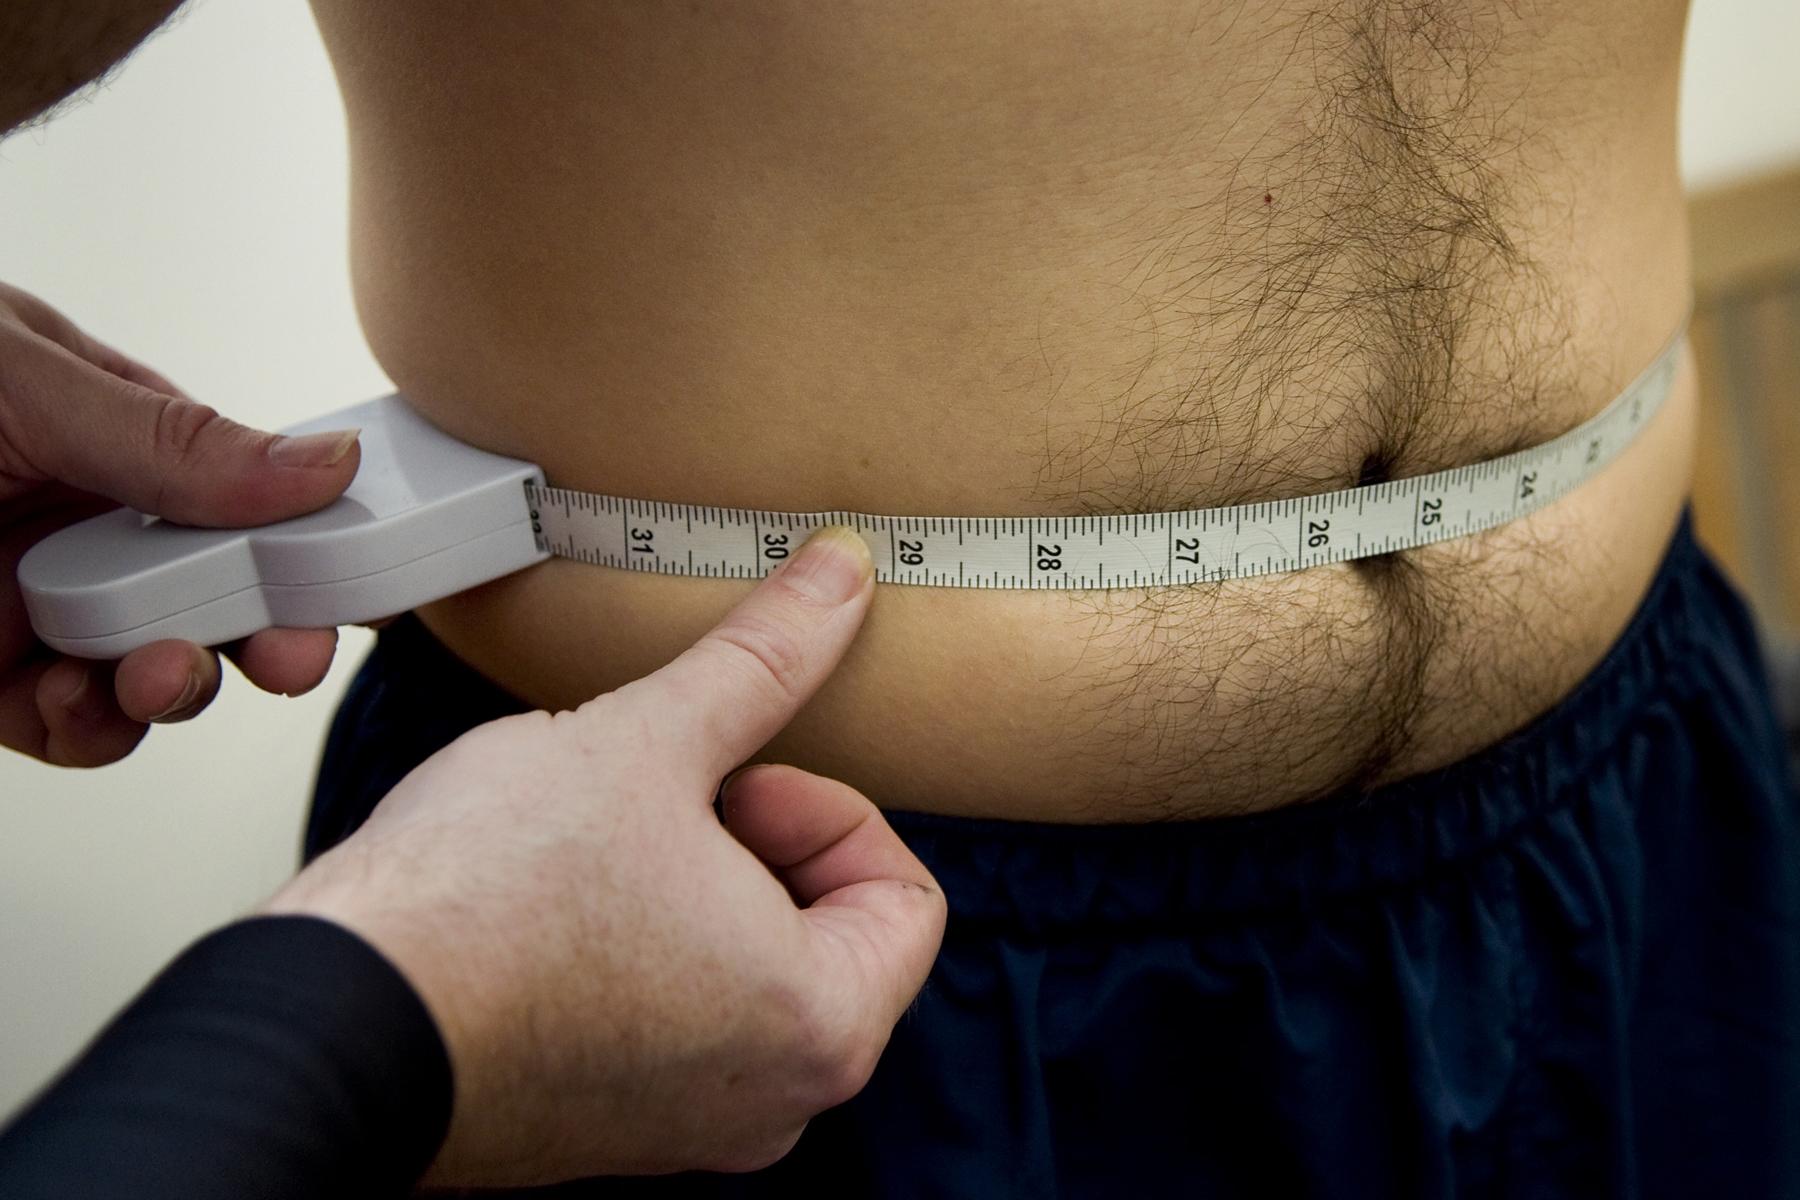 ¿Qué más hay que saber sobre obesidad?